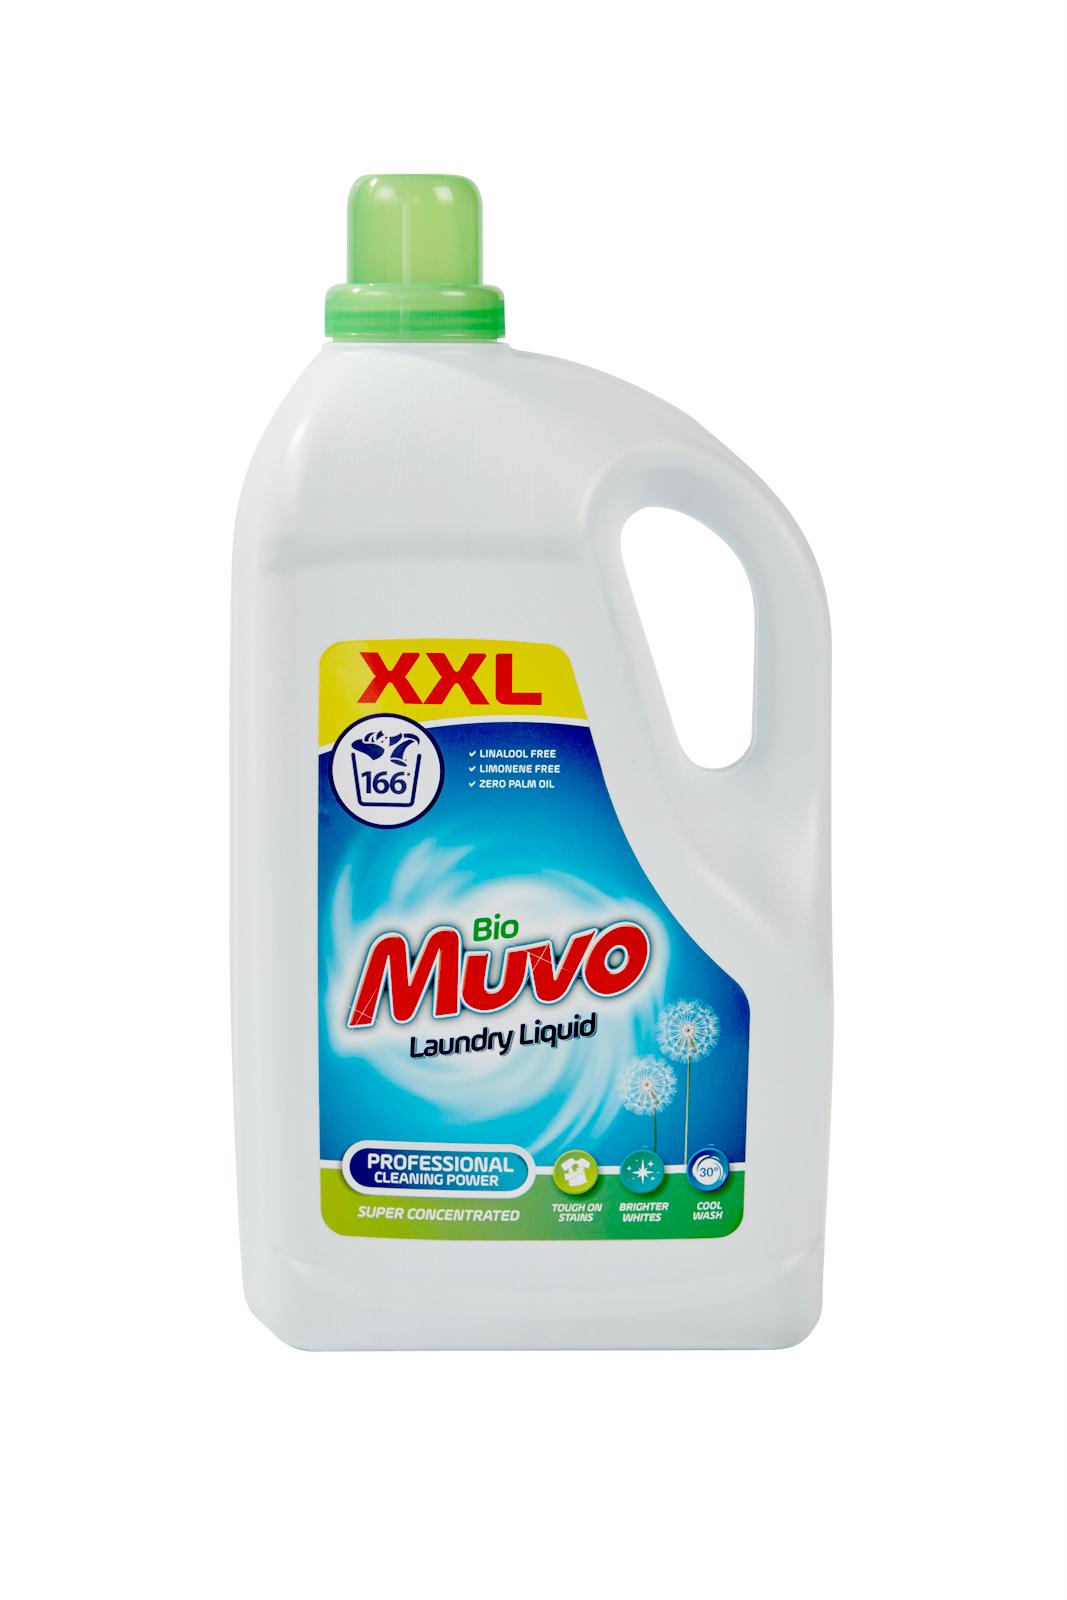 Muvo Bio Laundry Liquid